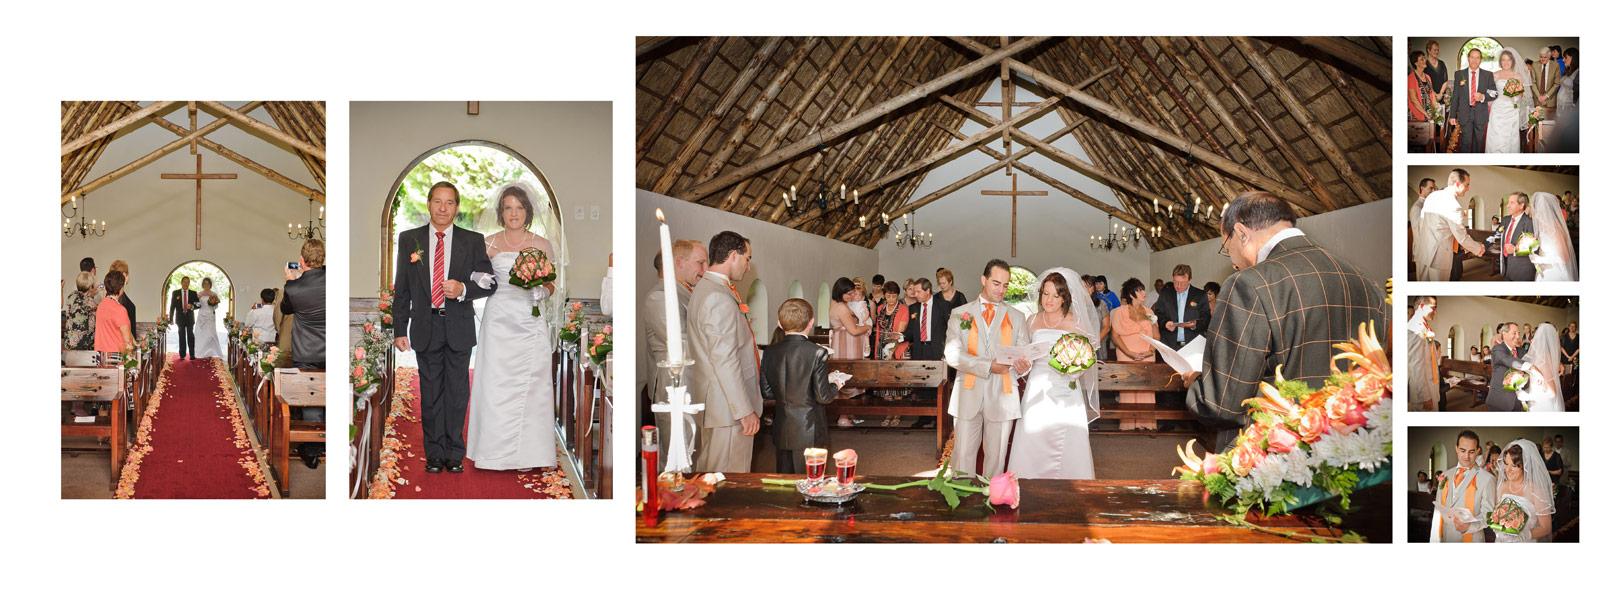 Nathalie Boucry Photography | Charlene and Craig Wedding Album 015